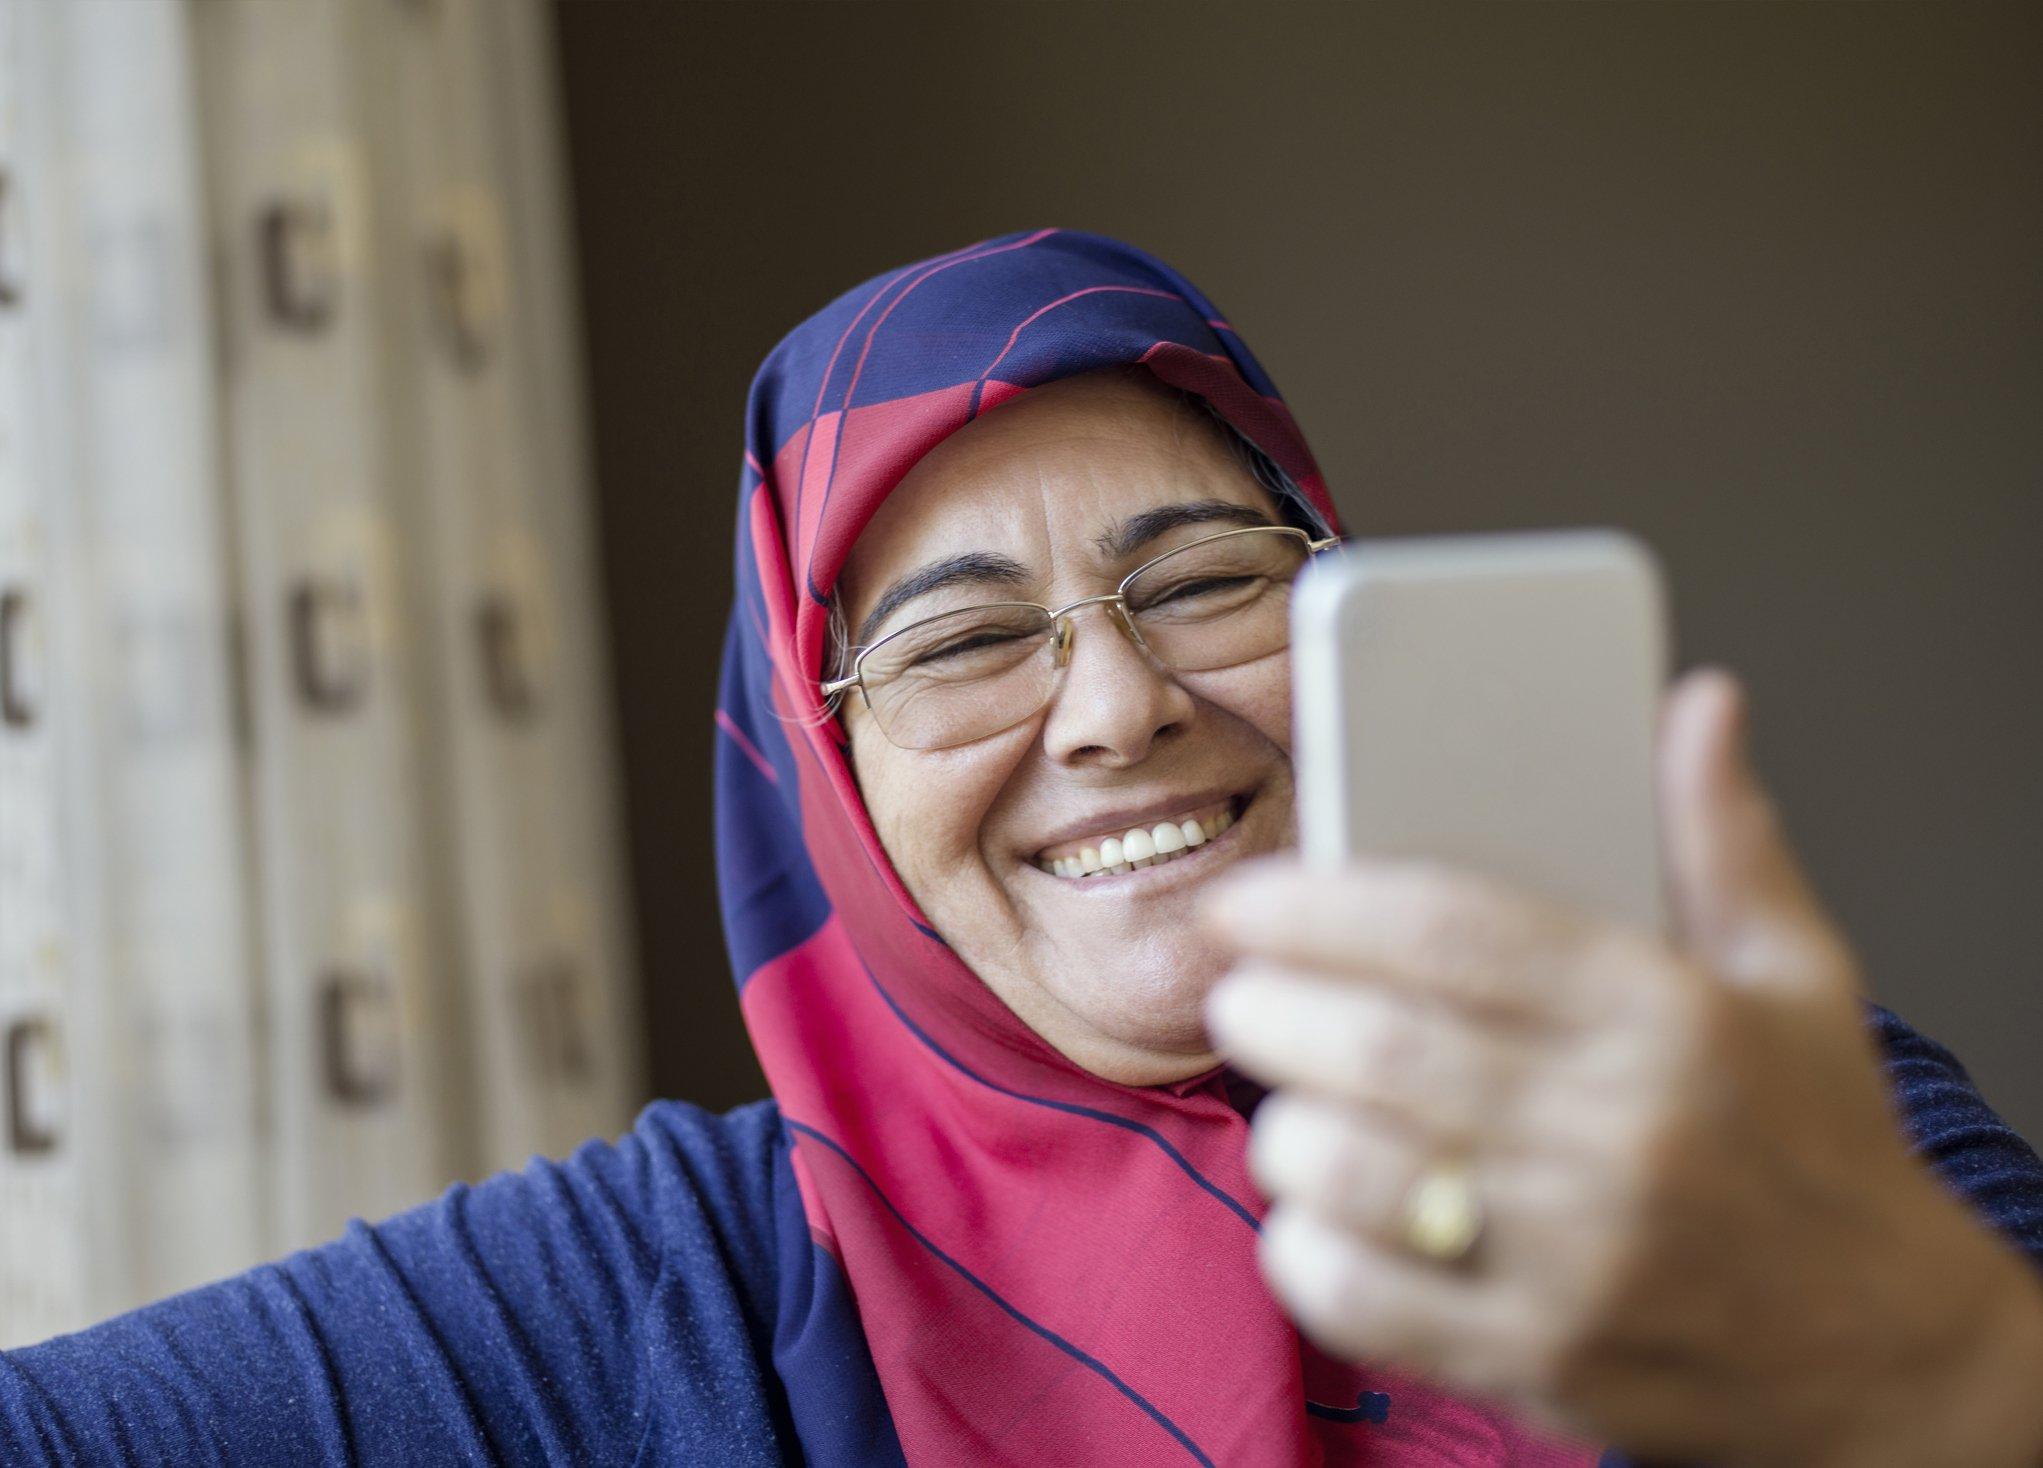 صورة تعبيرية لامرأة تتحدث مكالمة فيديو عبر هاتفها المحمول